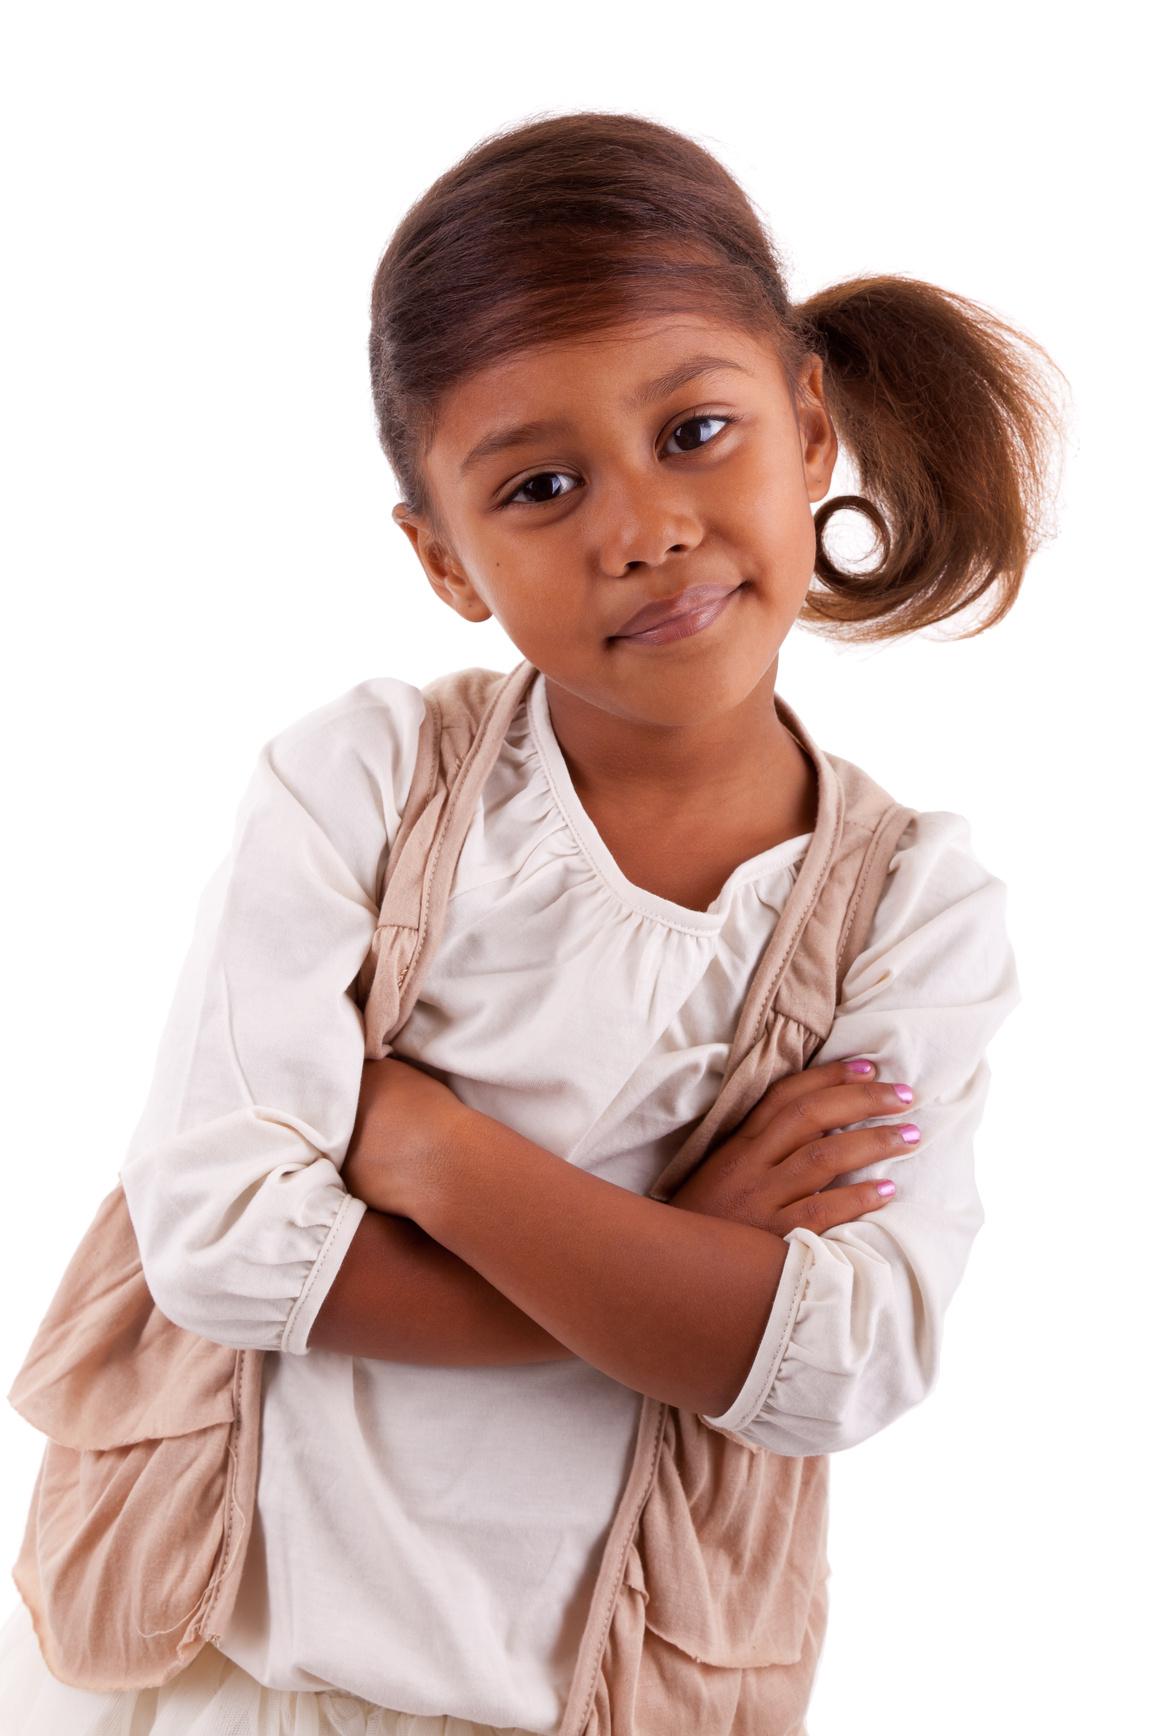 012435989-cute-little-african-asian-girl.jpeg